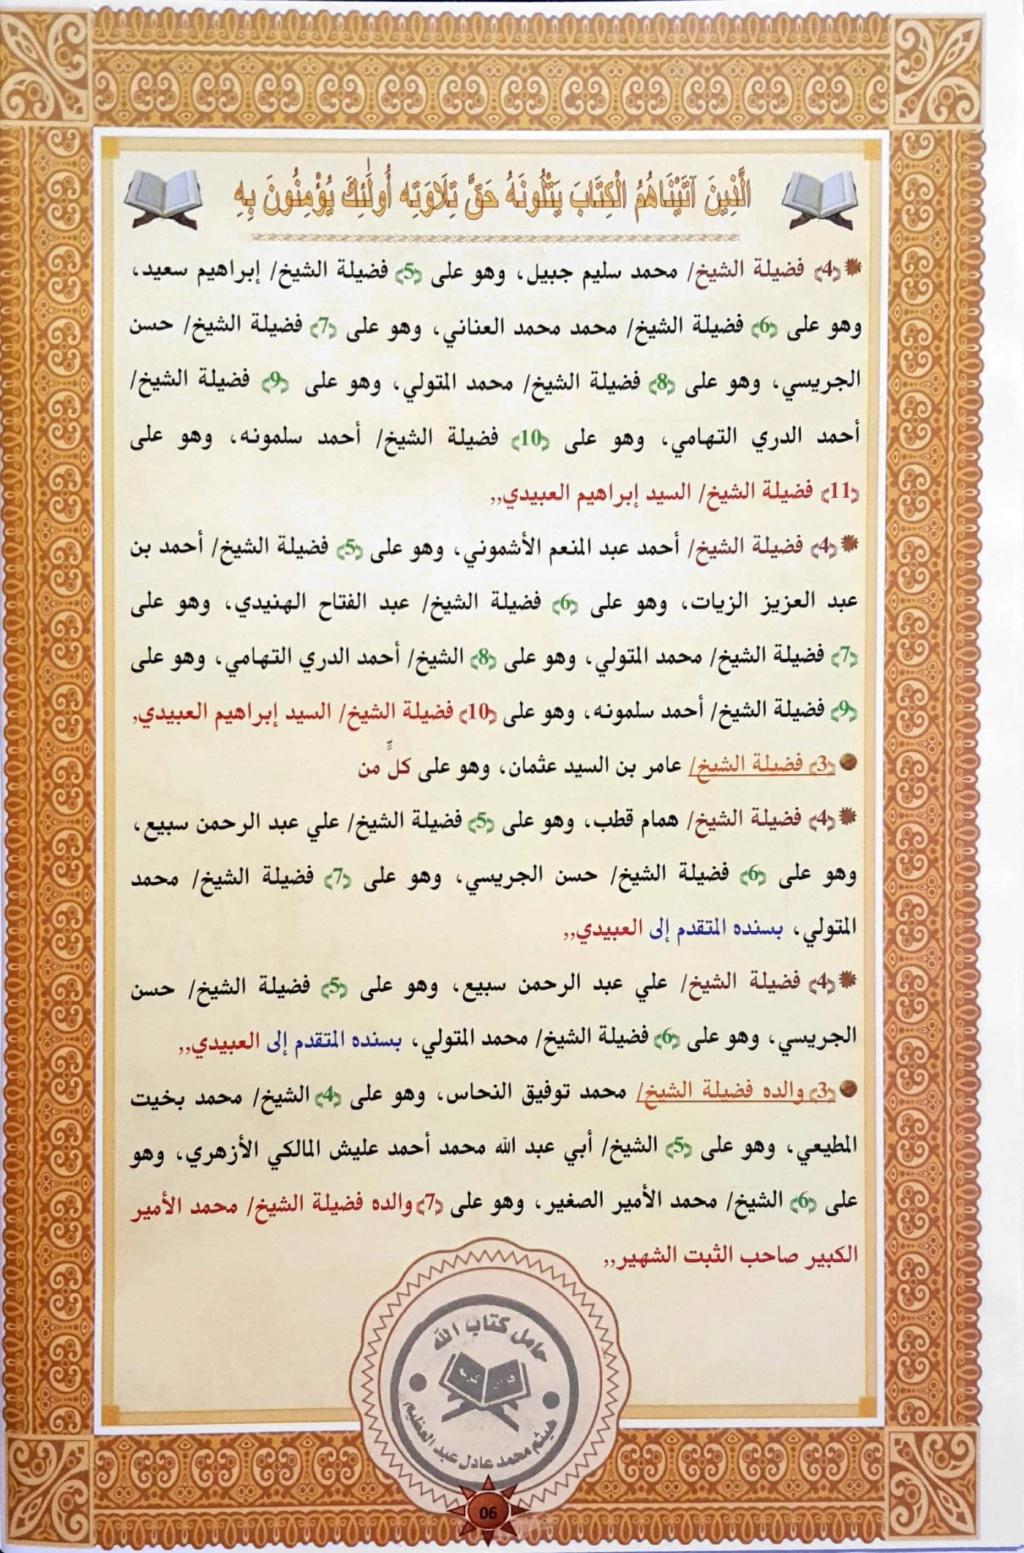 إجازة الشيخ أحمد محمد لبن بقراءة الإمام عاصم  Aeo_aa16